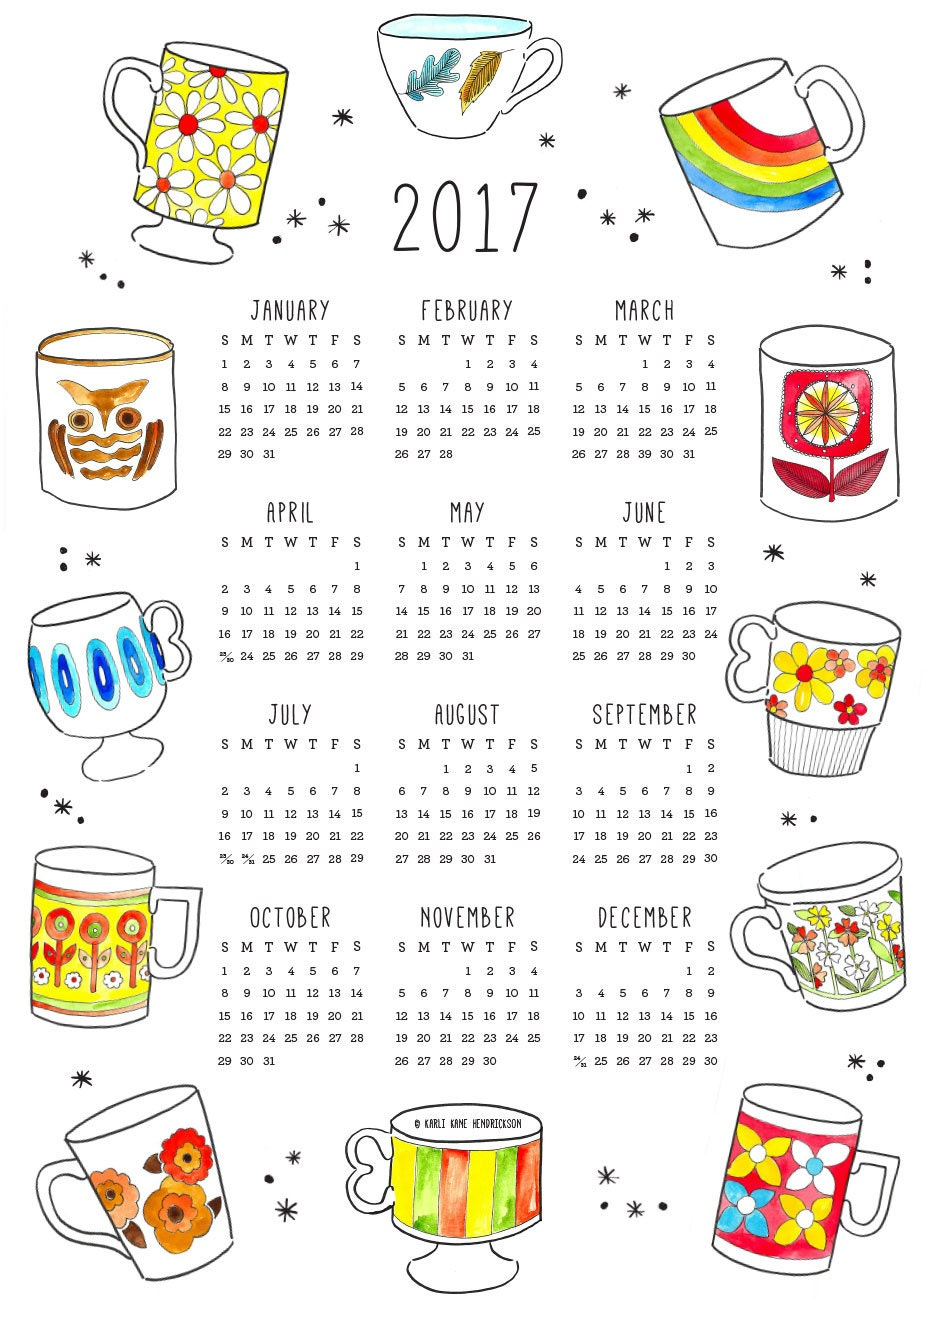 2017 Tea Time Calendar